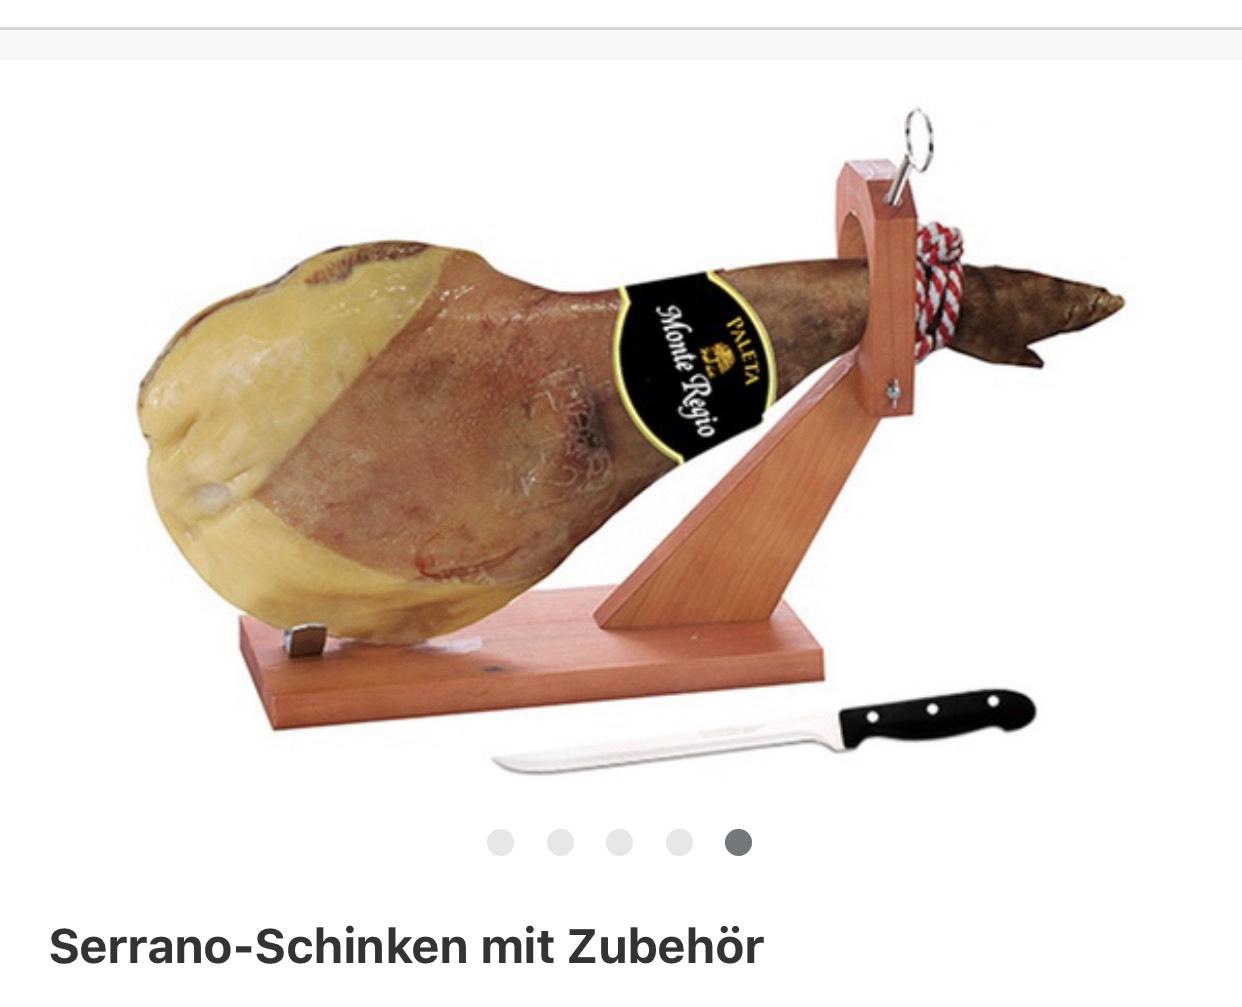 Serrano Schinken + Zubehör Groupon Deal ab 23€